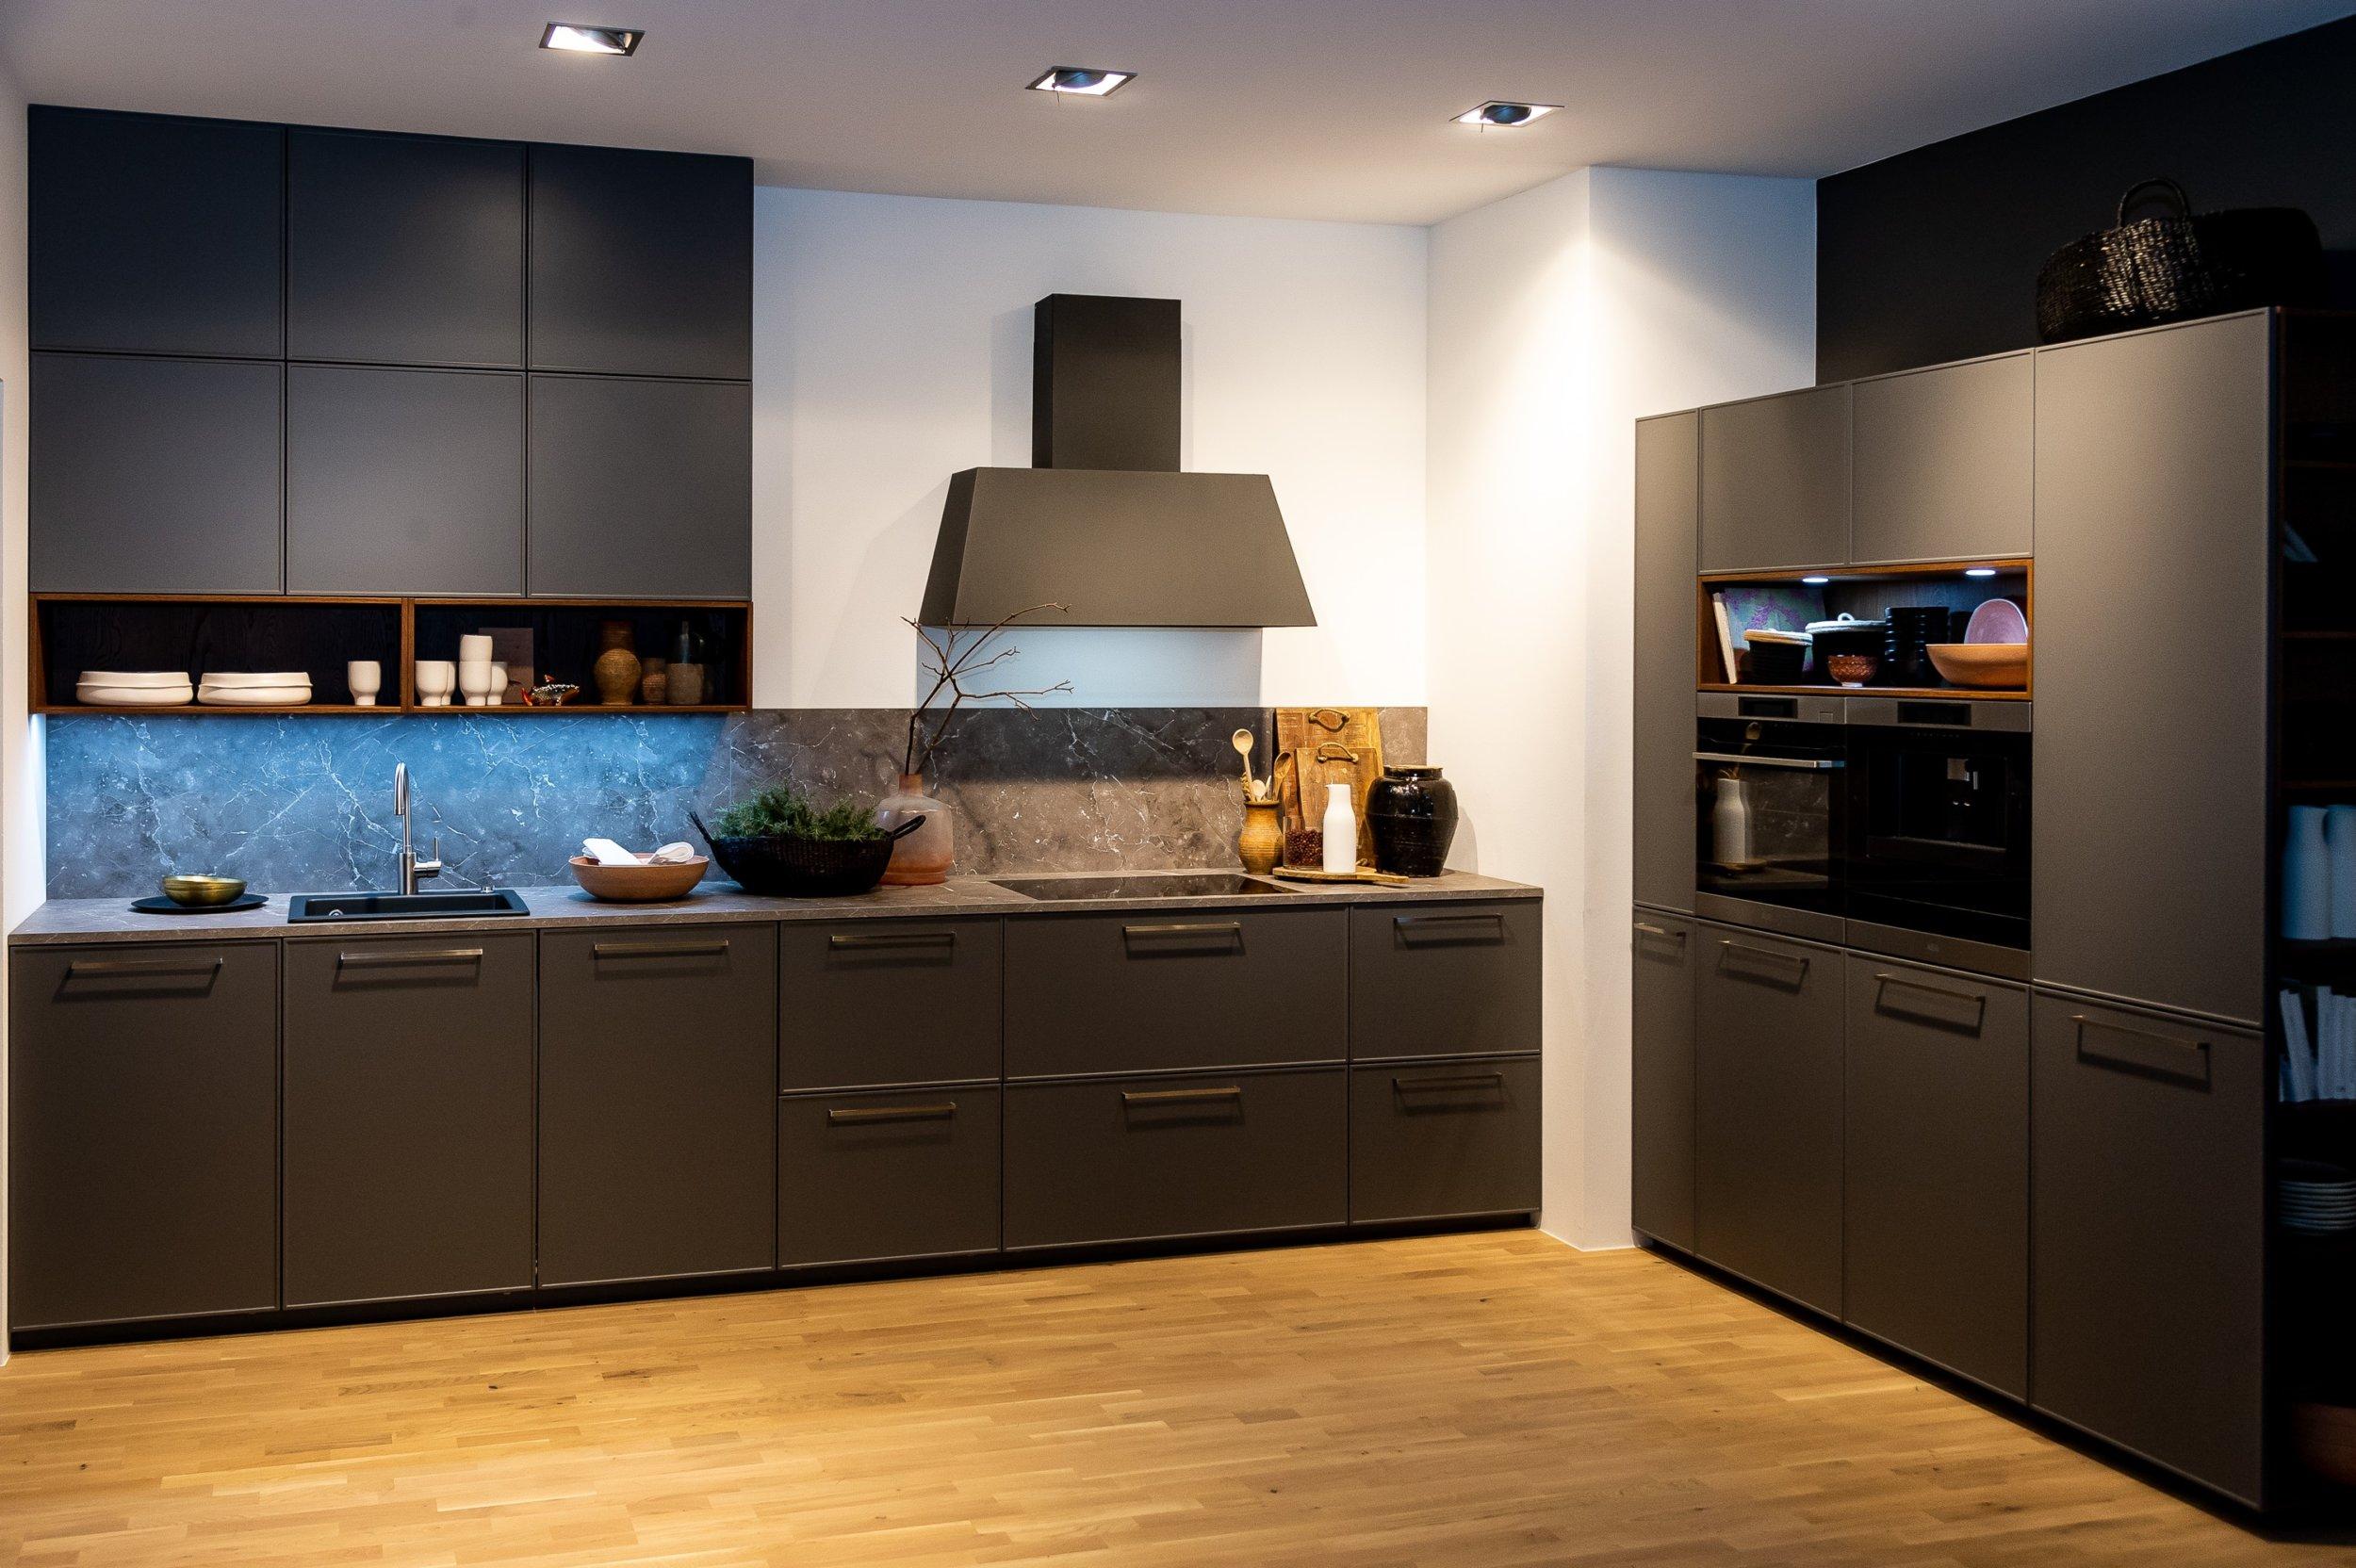 Full Size of Küche Nolte Erfahrung Küche Nolte Bewertung Relingsystem Küche Nolte Küche Nolte Trend Lack Küche Küche Nolte